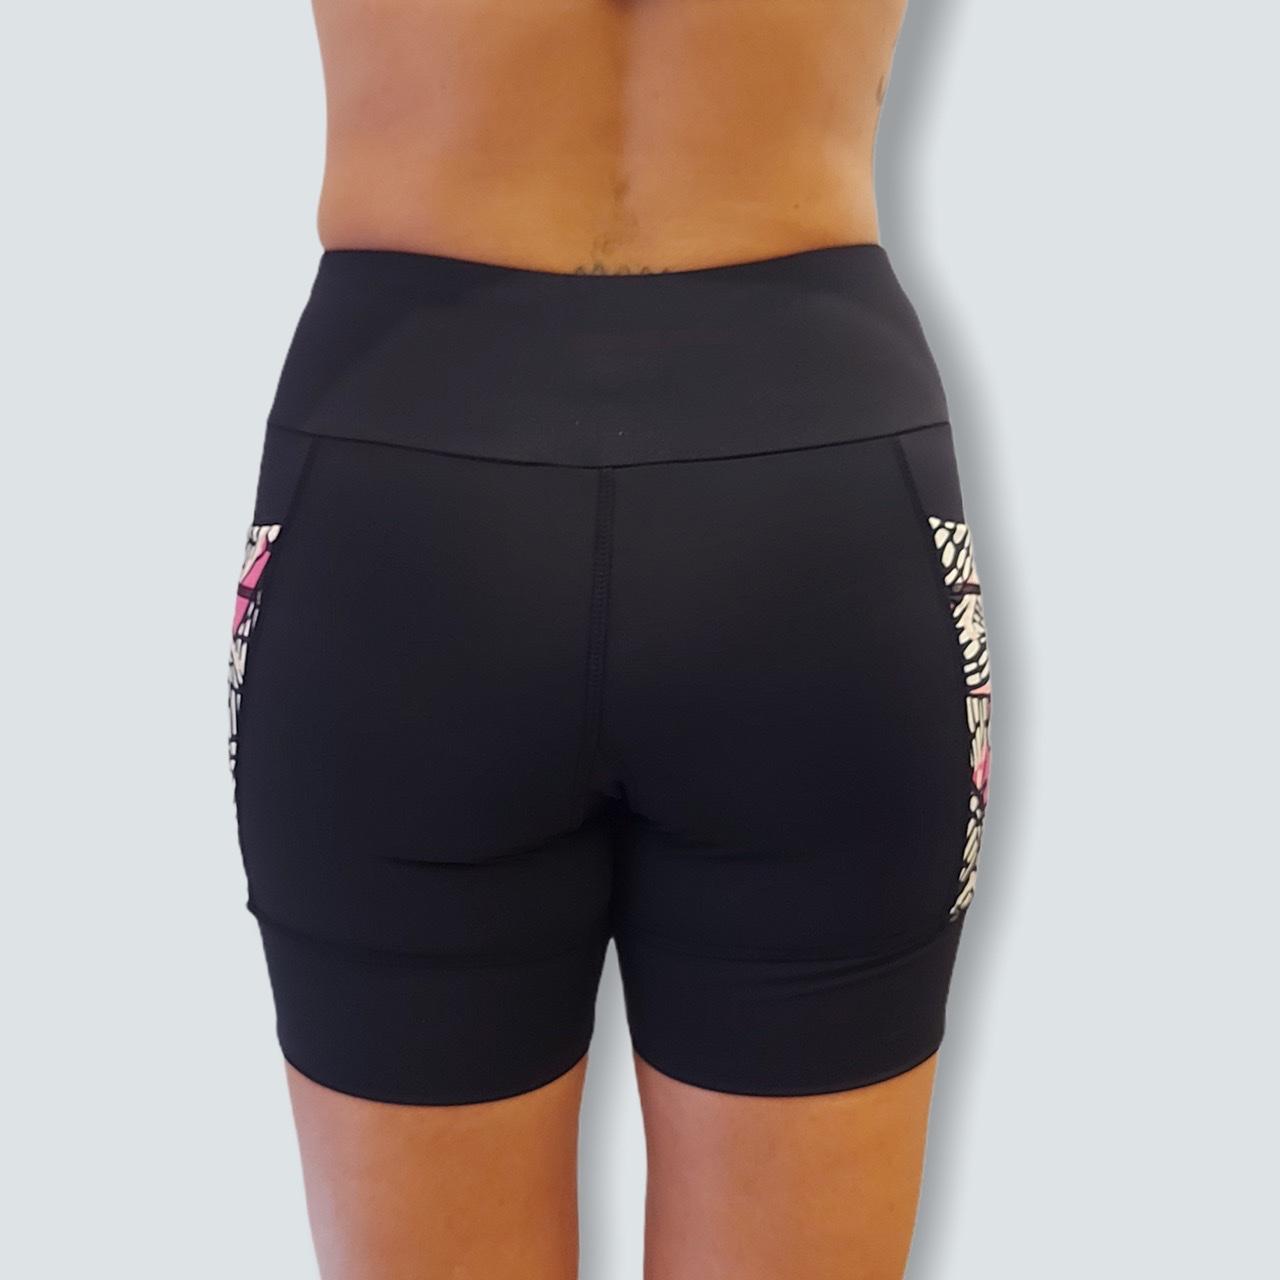 Shorts de compressão 2 bolsos laterais Square em sportiva preto bolsos estampa borboletas  - Vivian Bógus